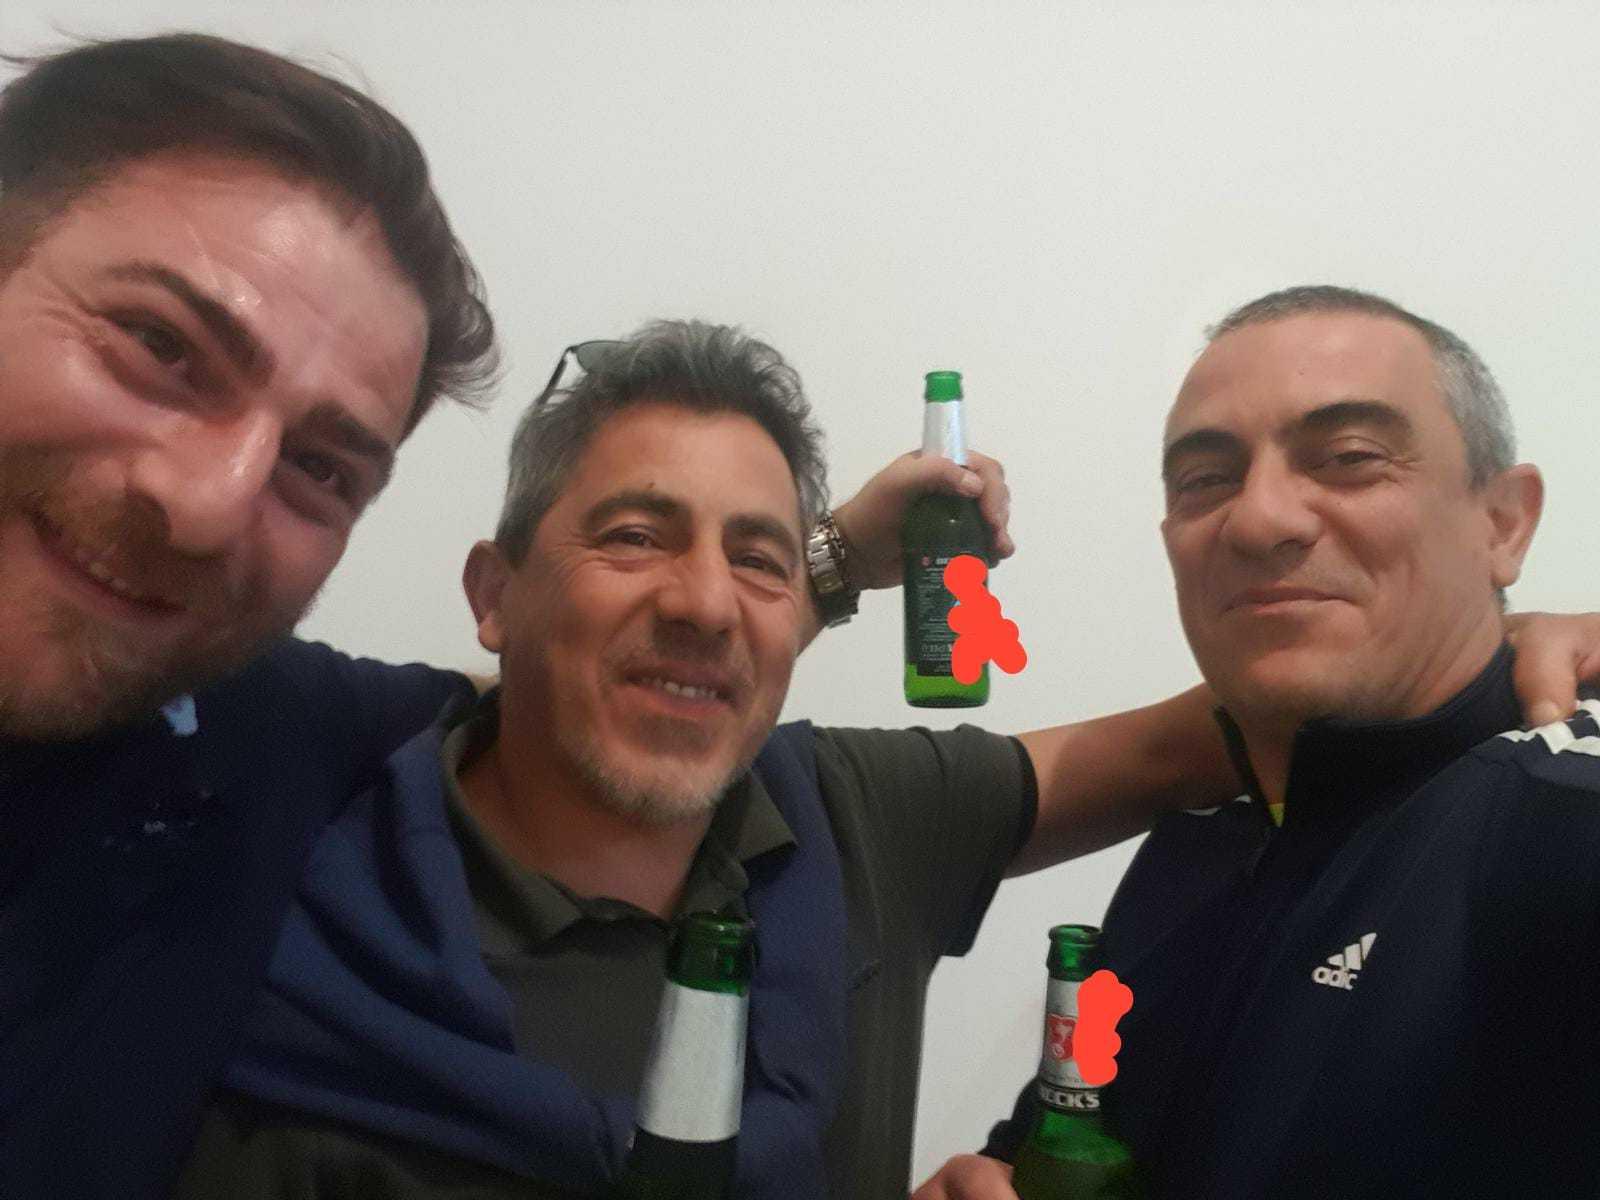 L'idea geniale dei fratelli Carmelo e Giuliano Falconieri: la Birra 'Made in Leonforte' 'Camurria'